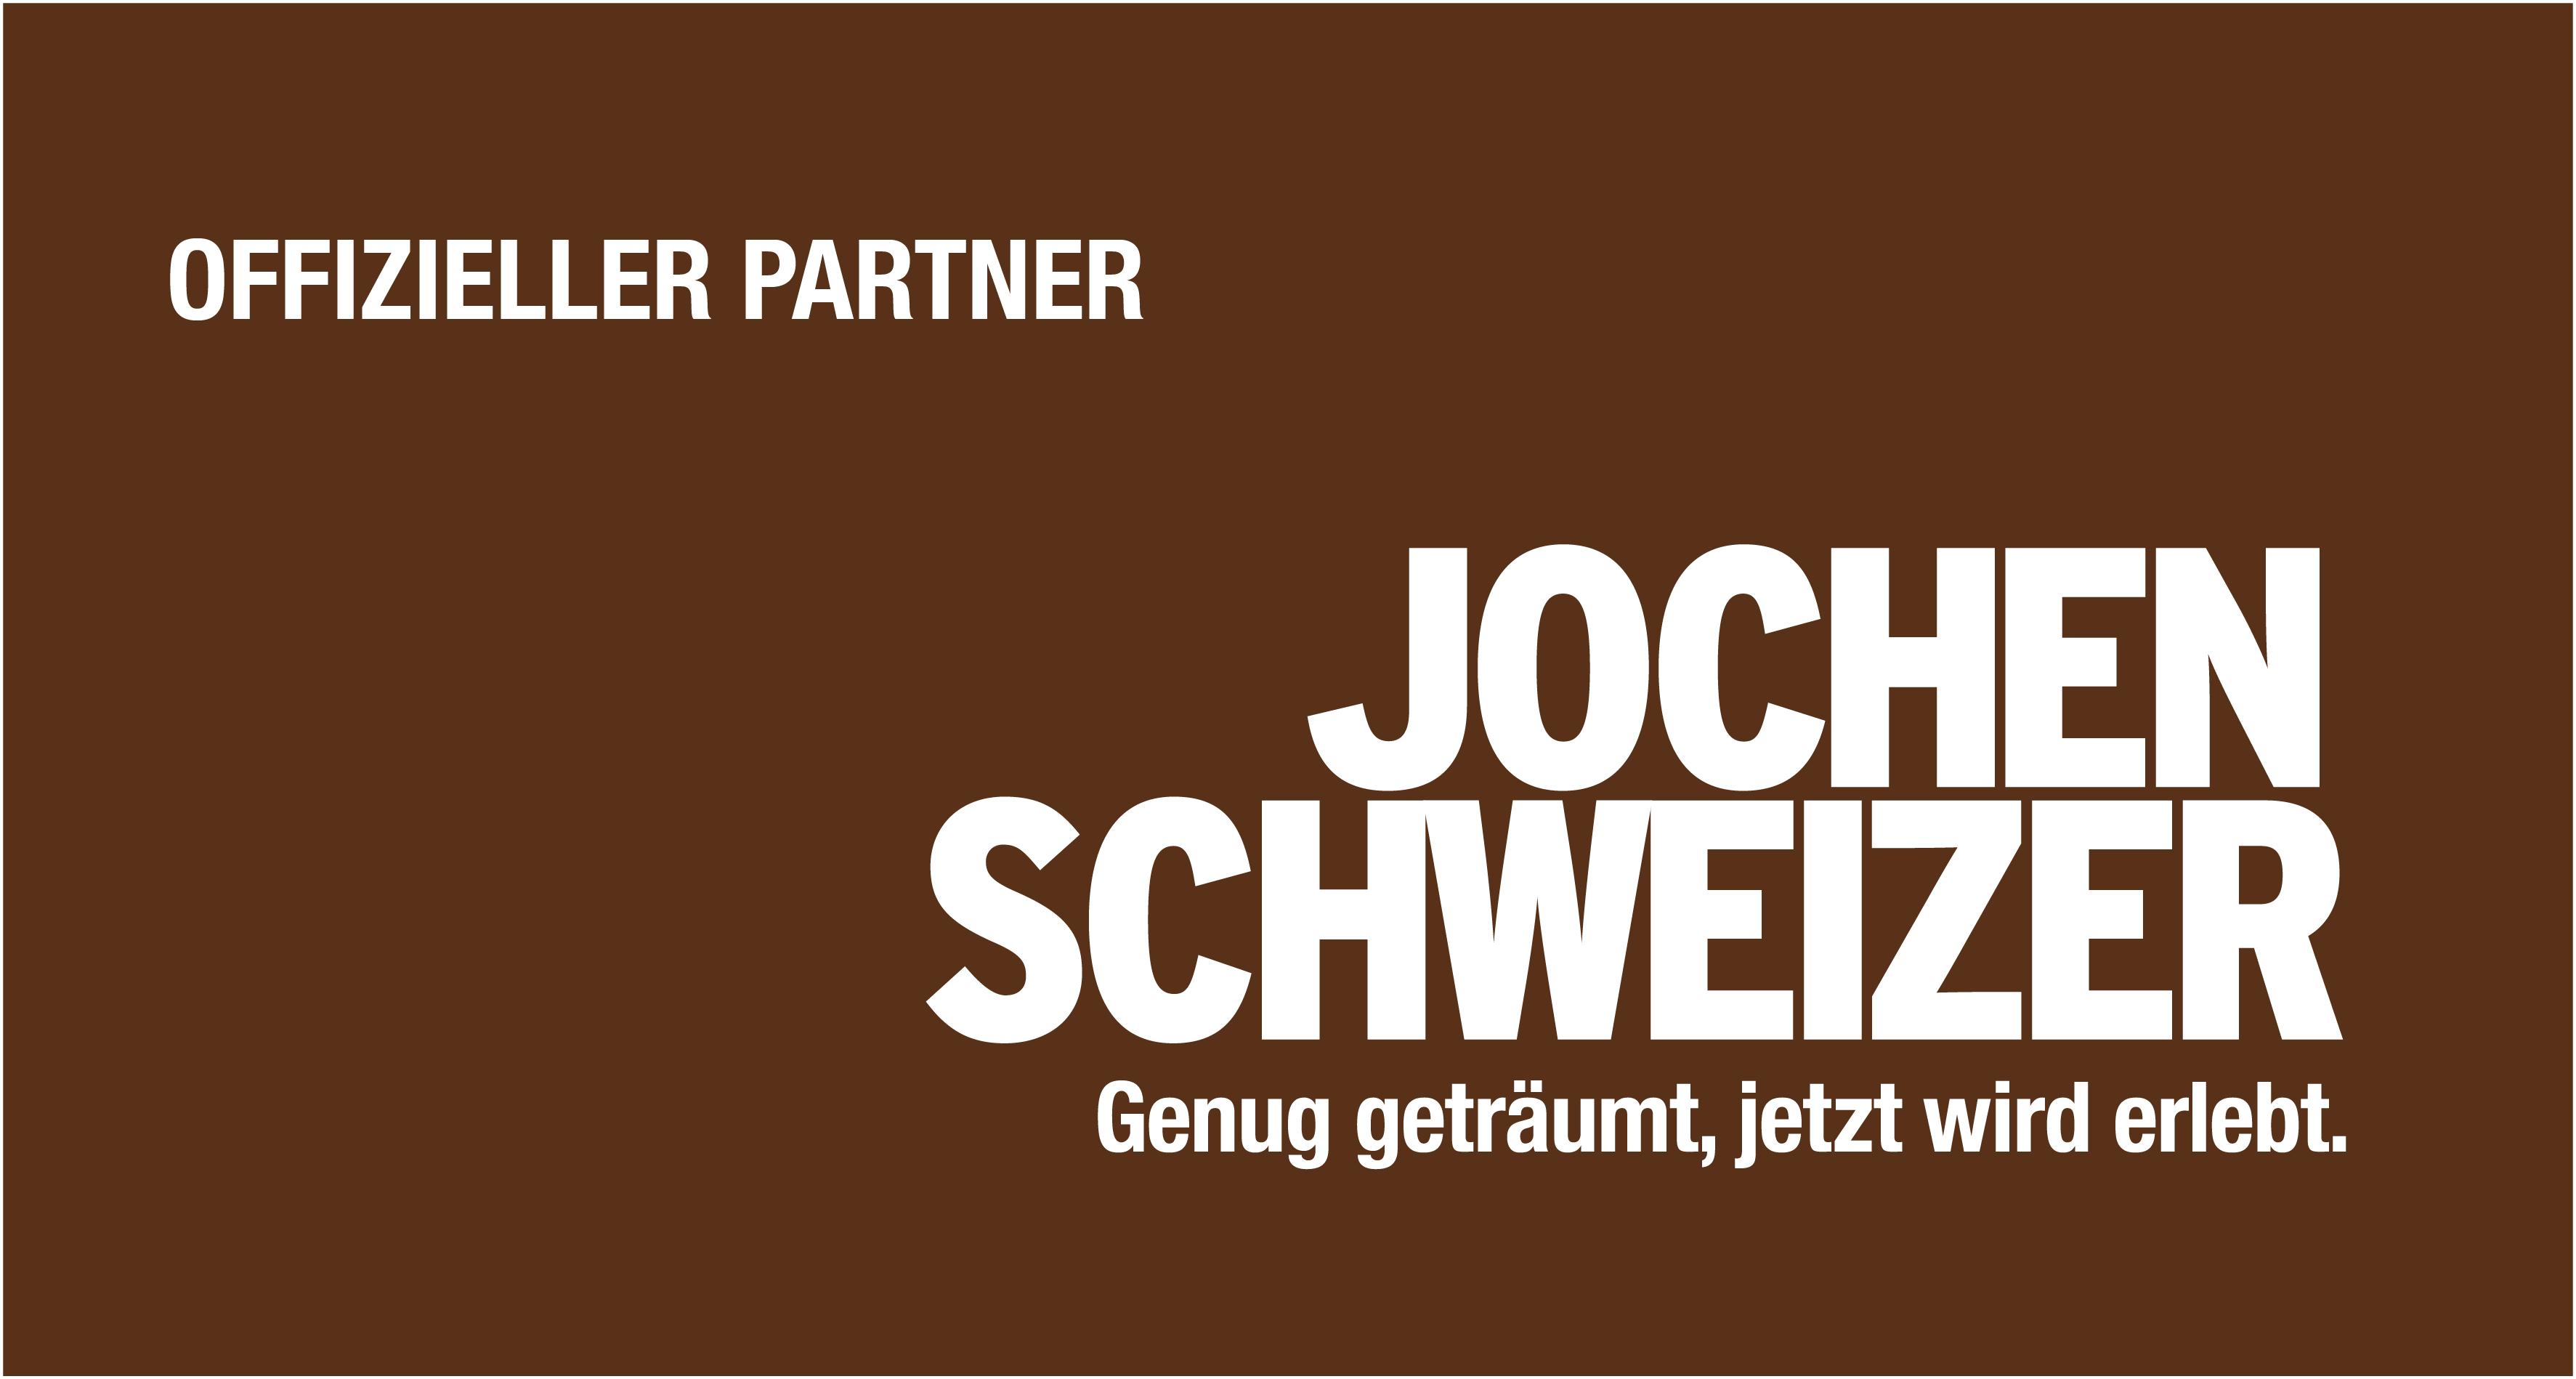 Jochen-Schweizer_weiss_MC